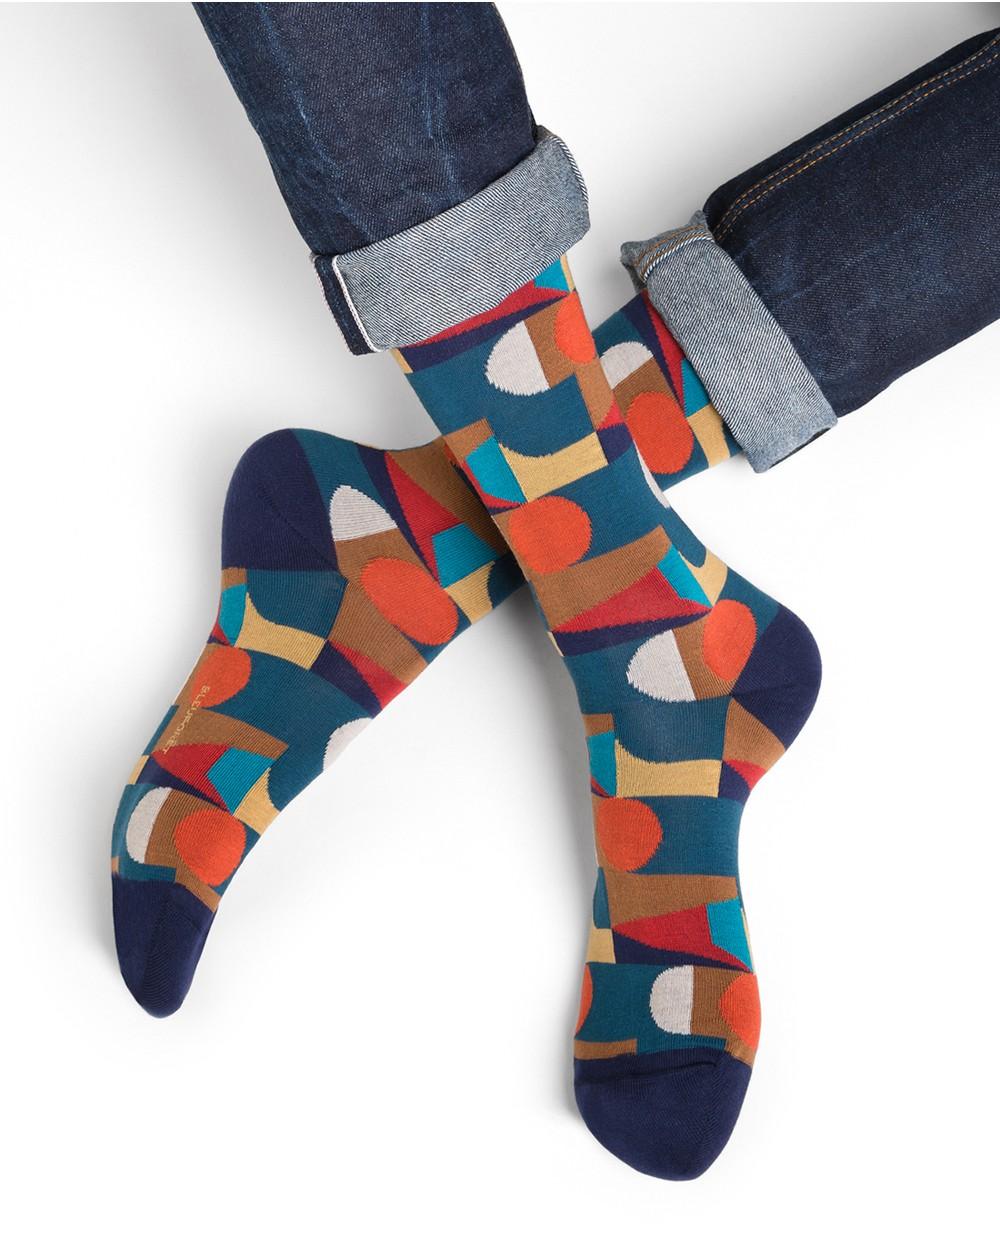 Chaussettes coton motif cubisme